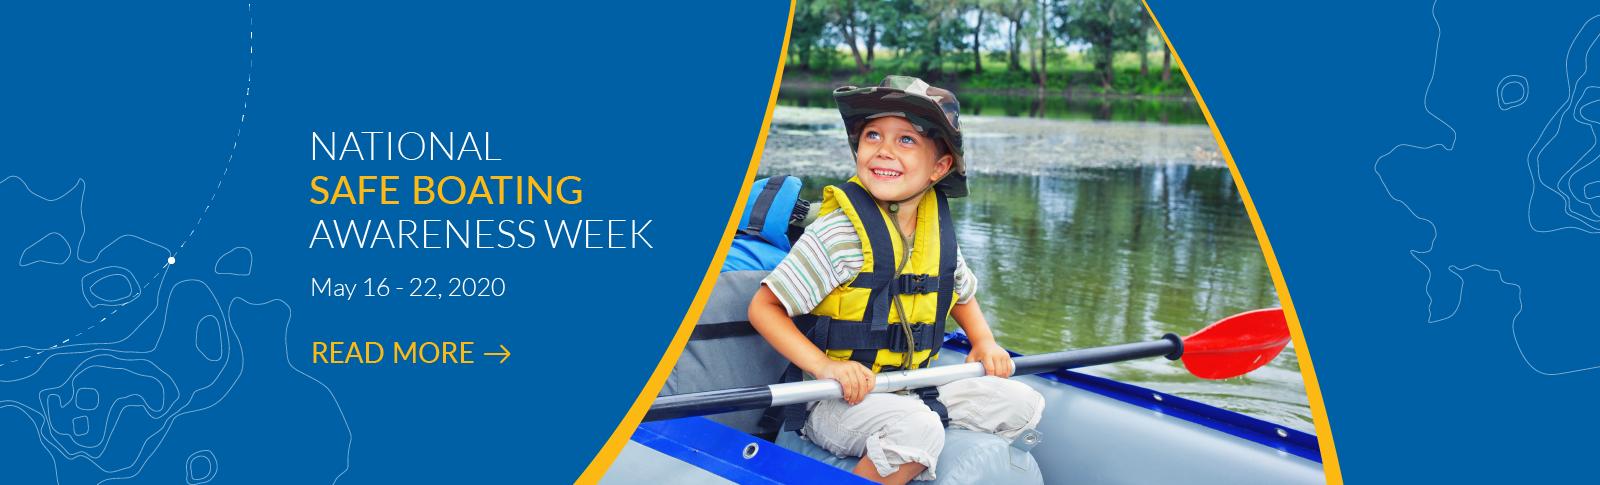 Safe Boating Tips, national safe boating awareness week